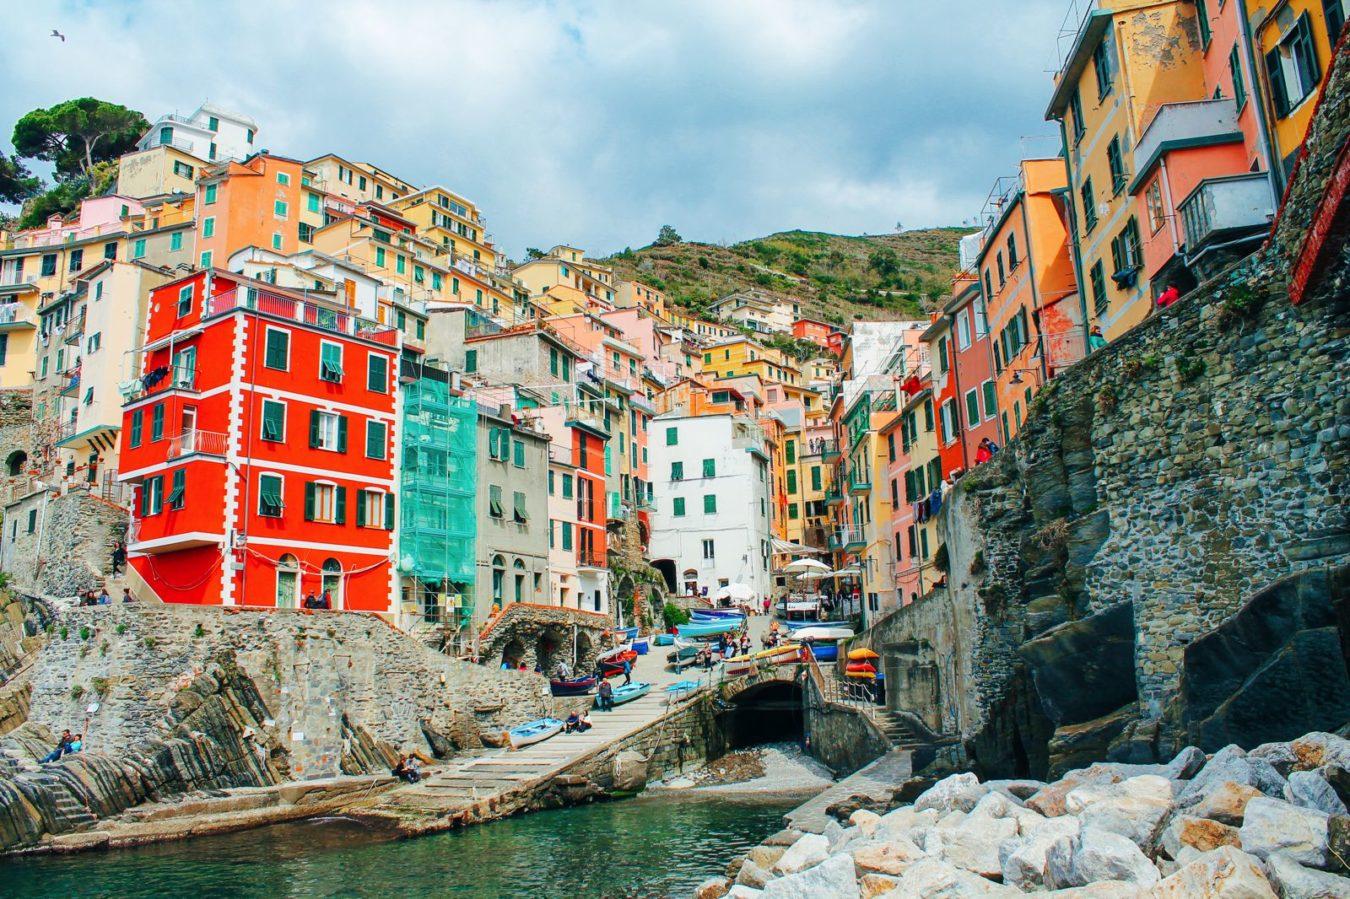 Cinque Terre - Thiên đường sắc màu Địa Trung Hải